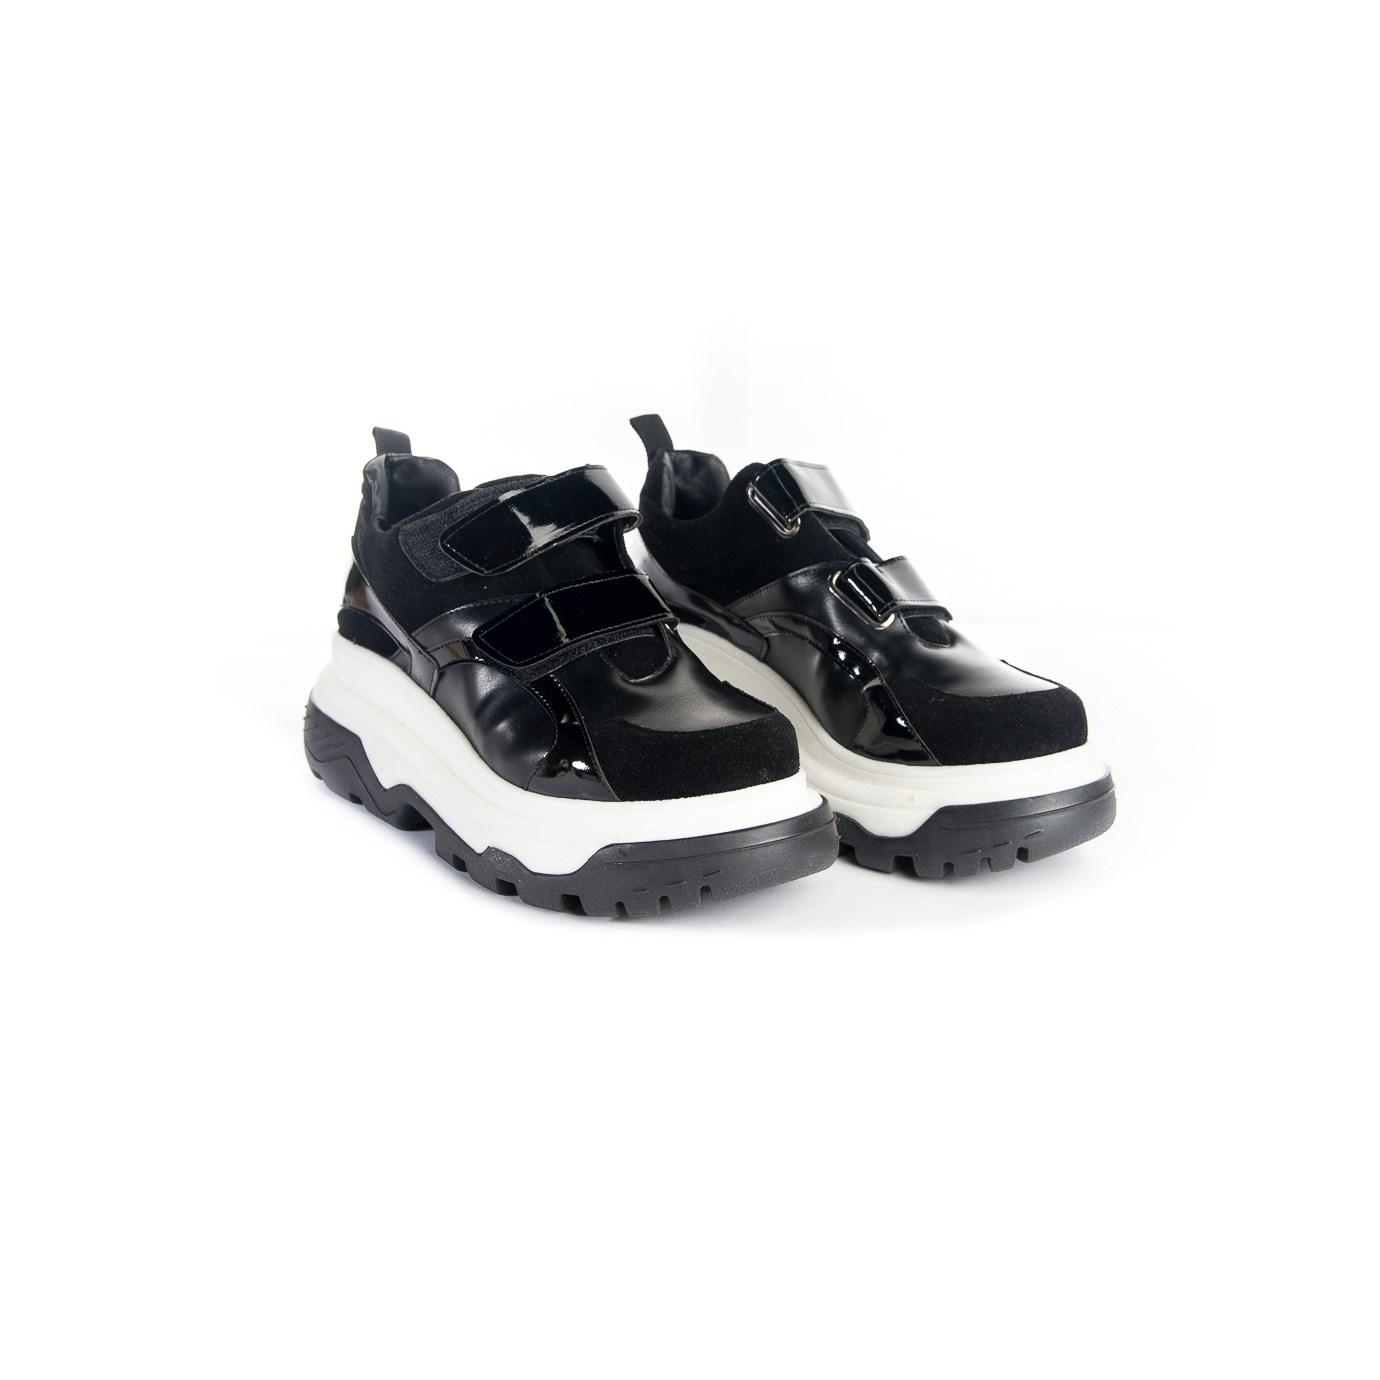 Zapatillas Sneakers Mujer Plataforma Sneakers Moda Zapatillas Moda Mujer Plataforma eWEIDH9Y2